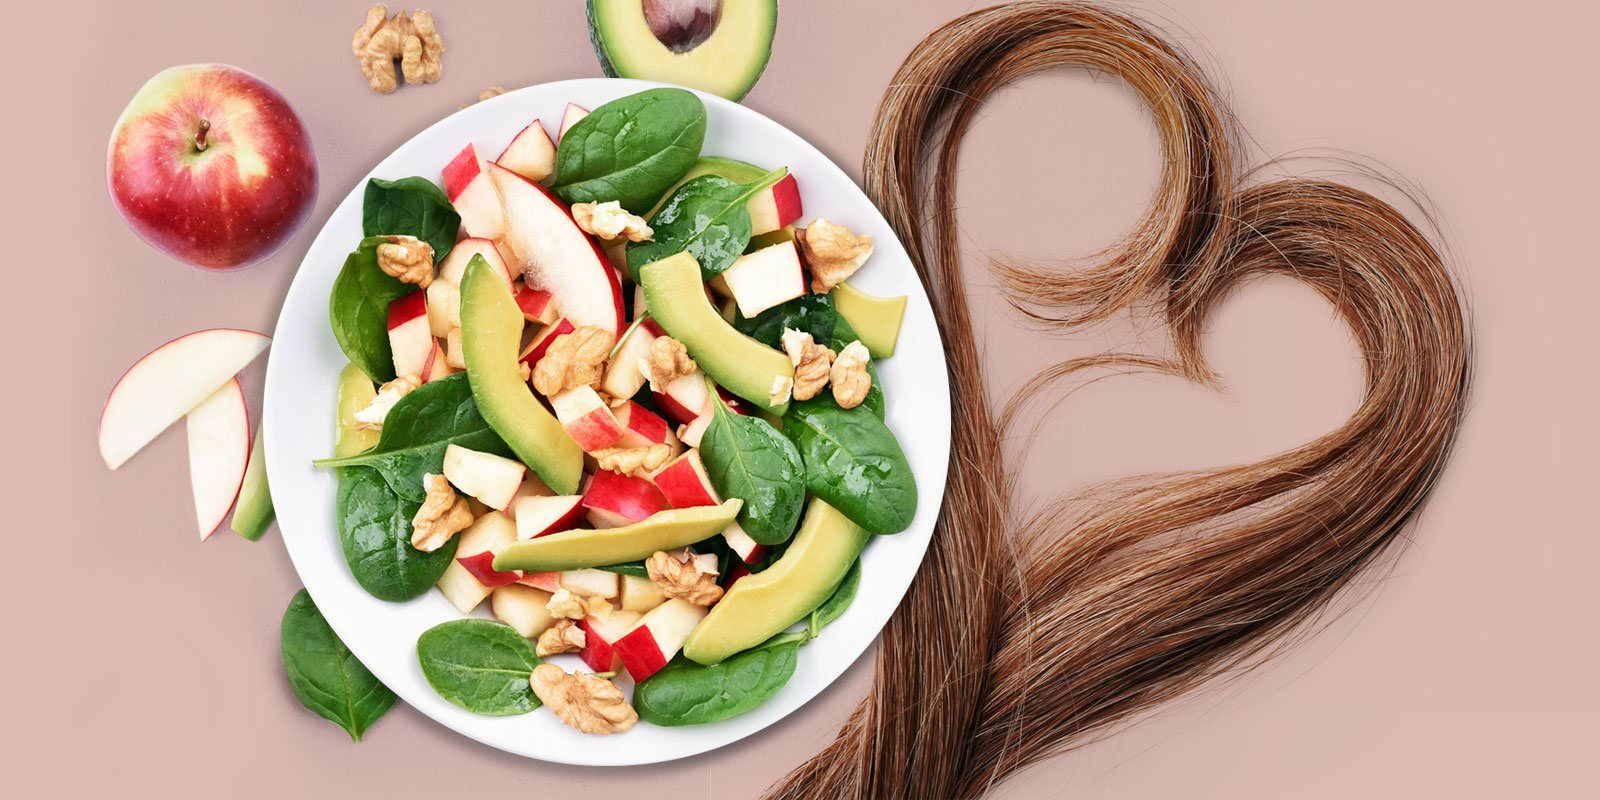 Какие продукты нужно употреблять, чтобы волосы были сильными